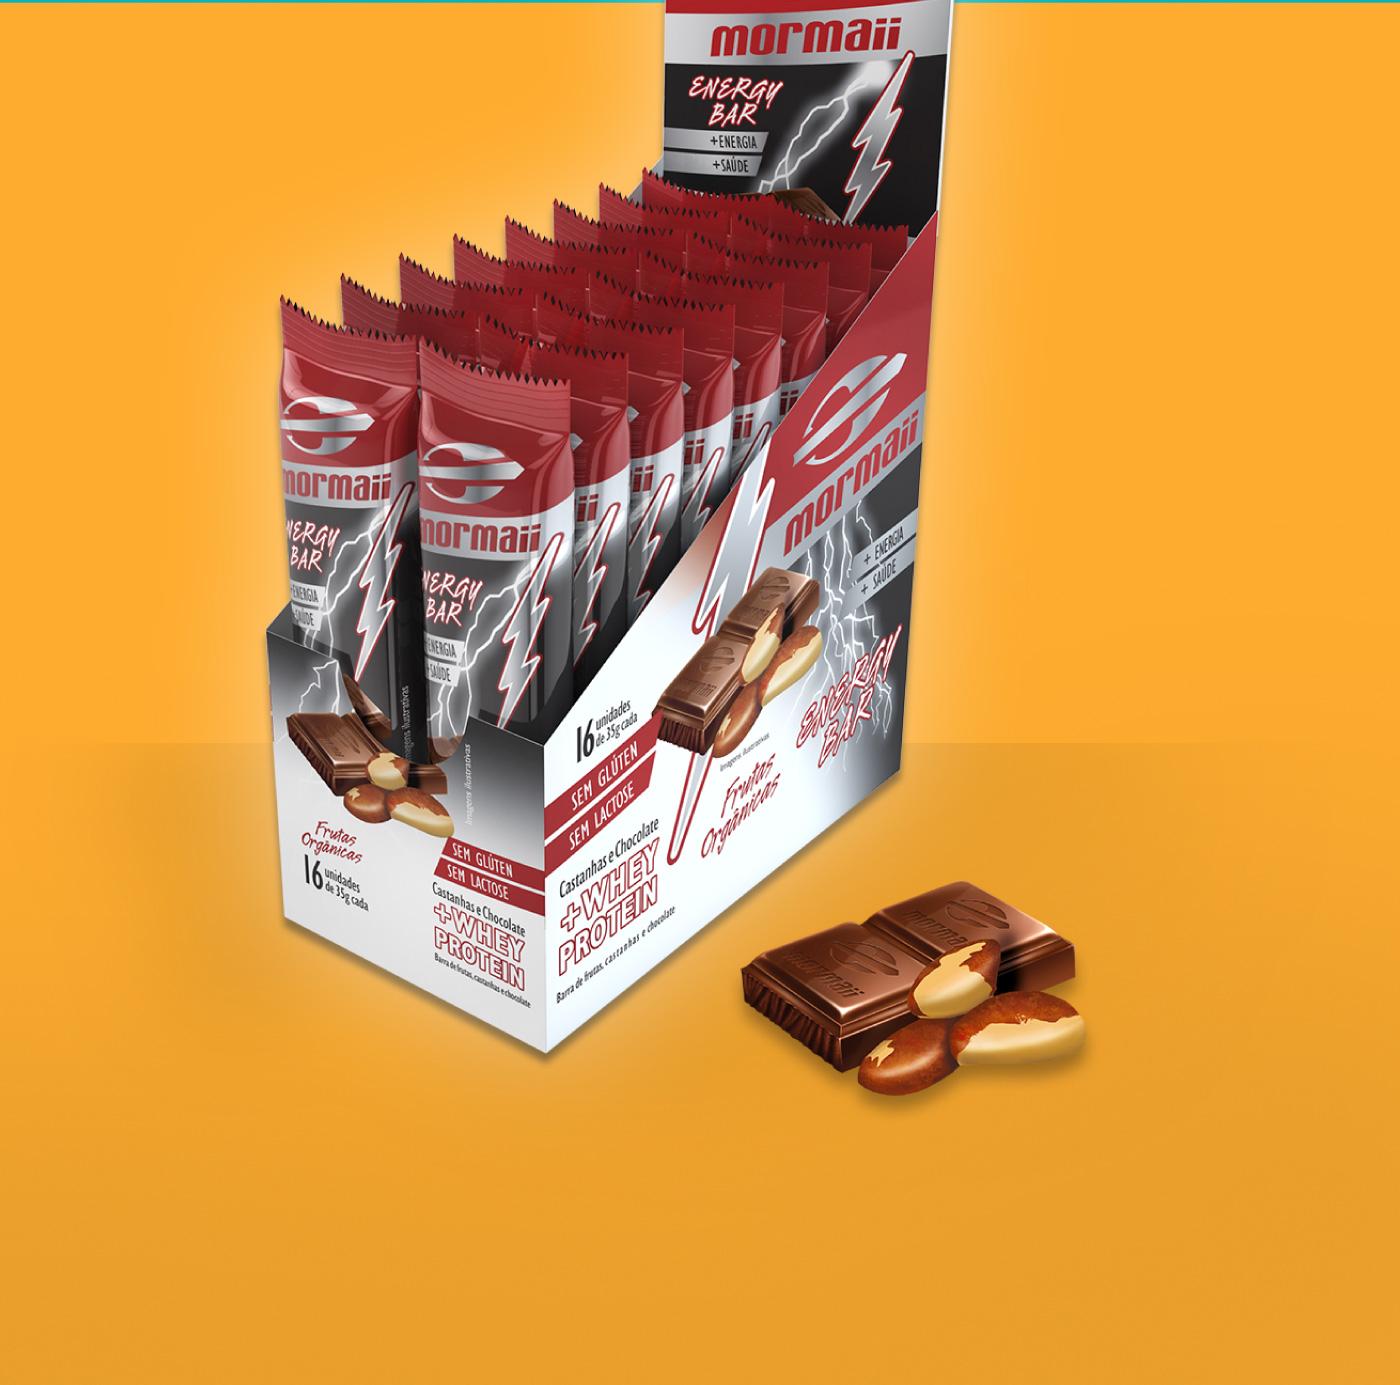 criação de embalagem para barras Mormaii